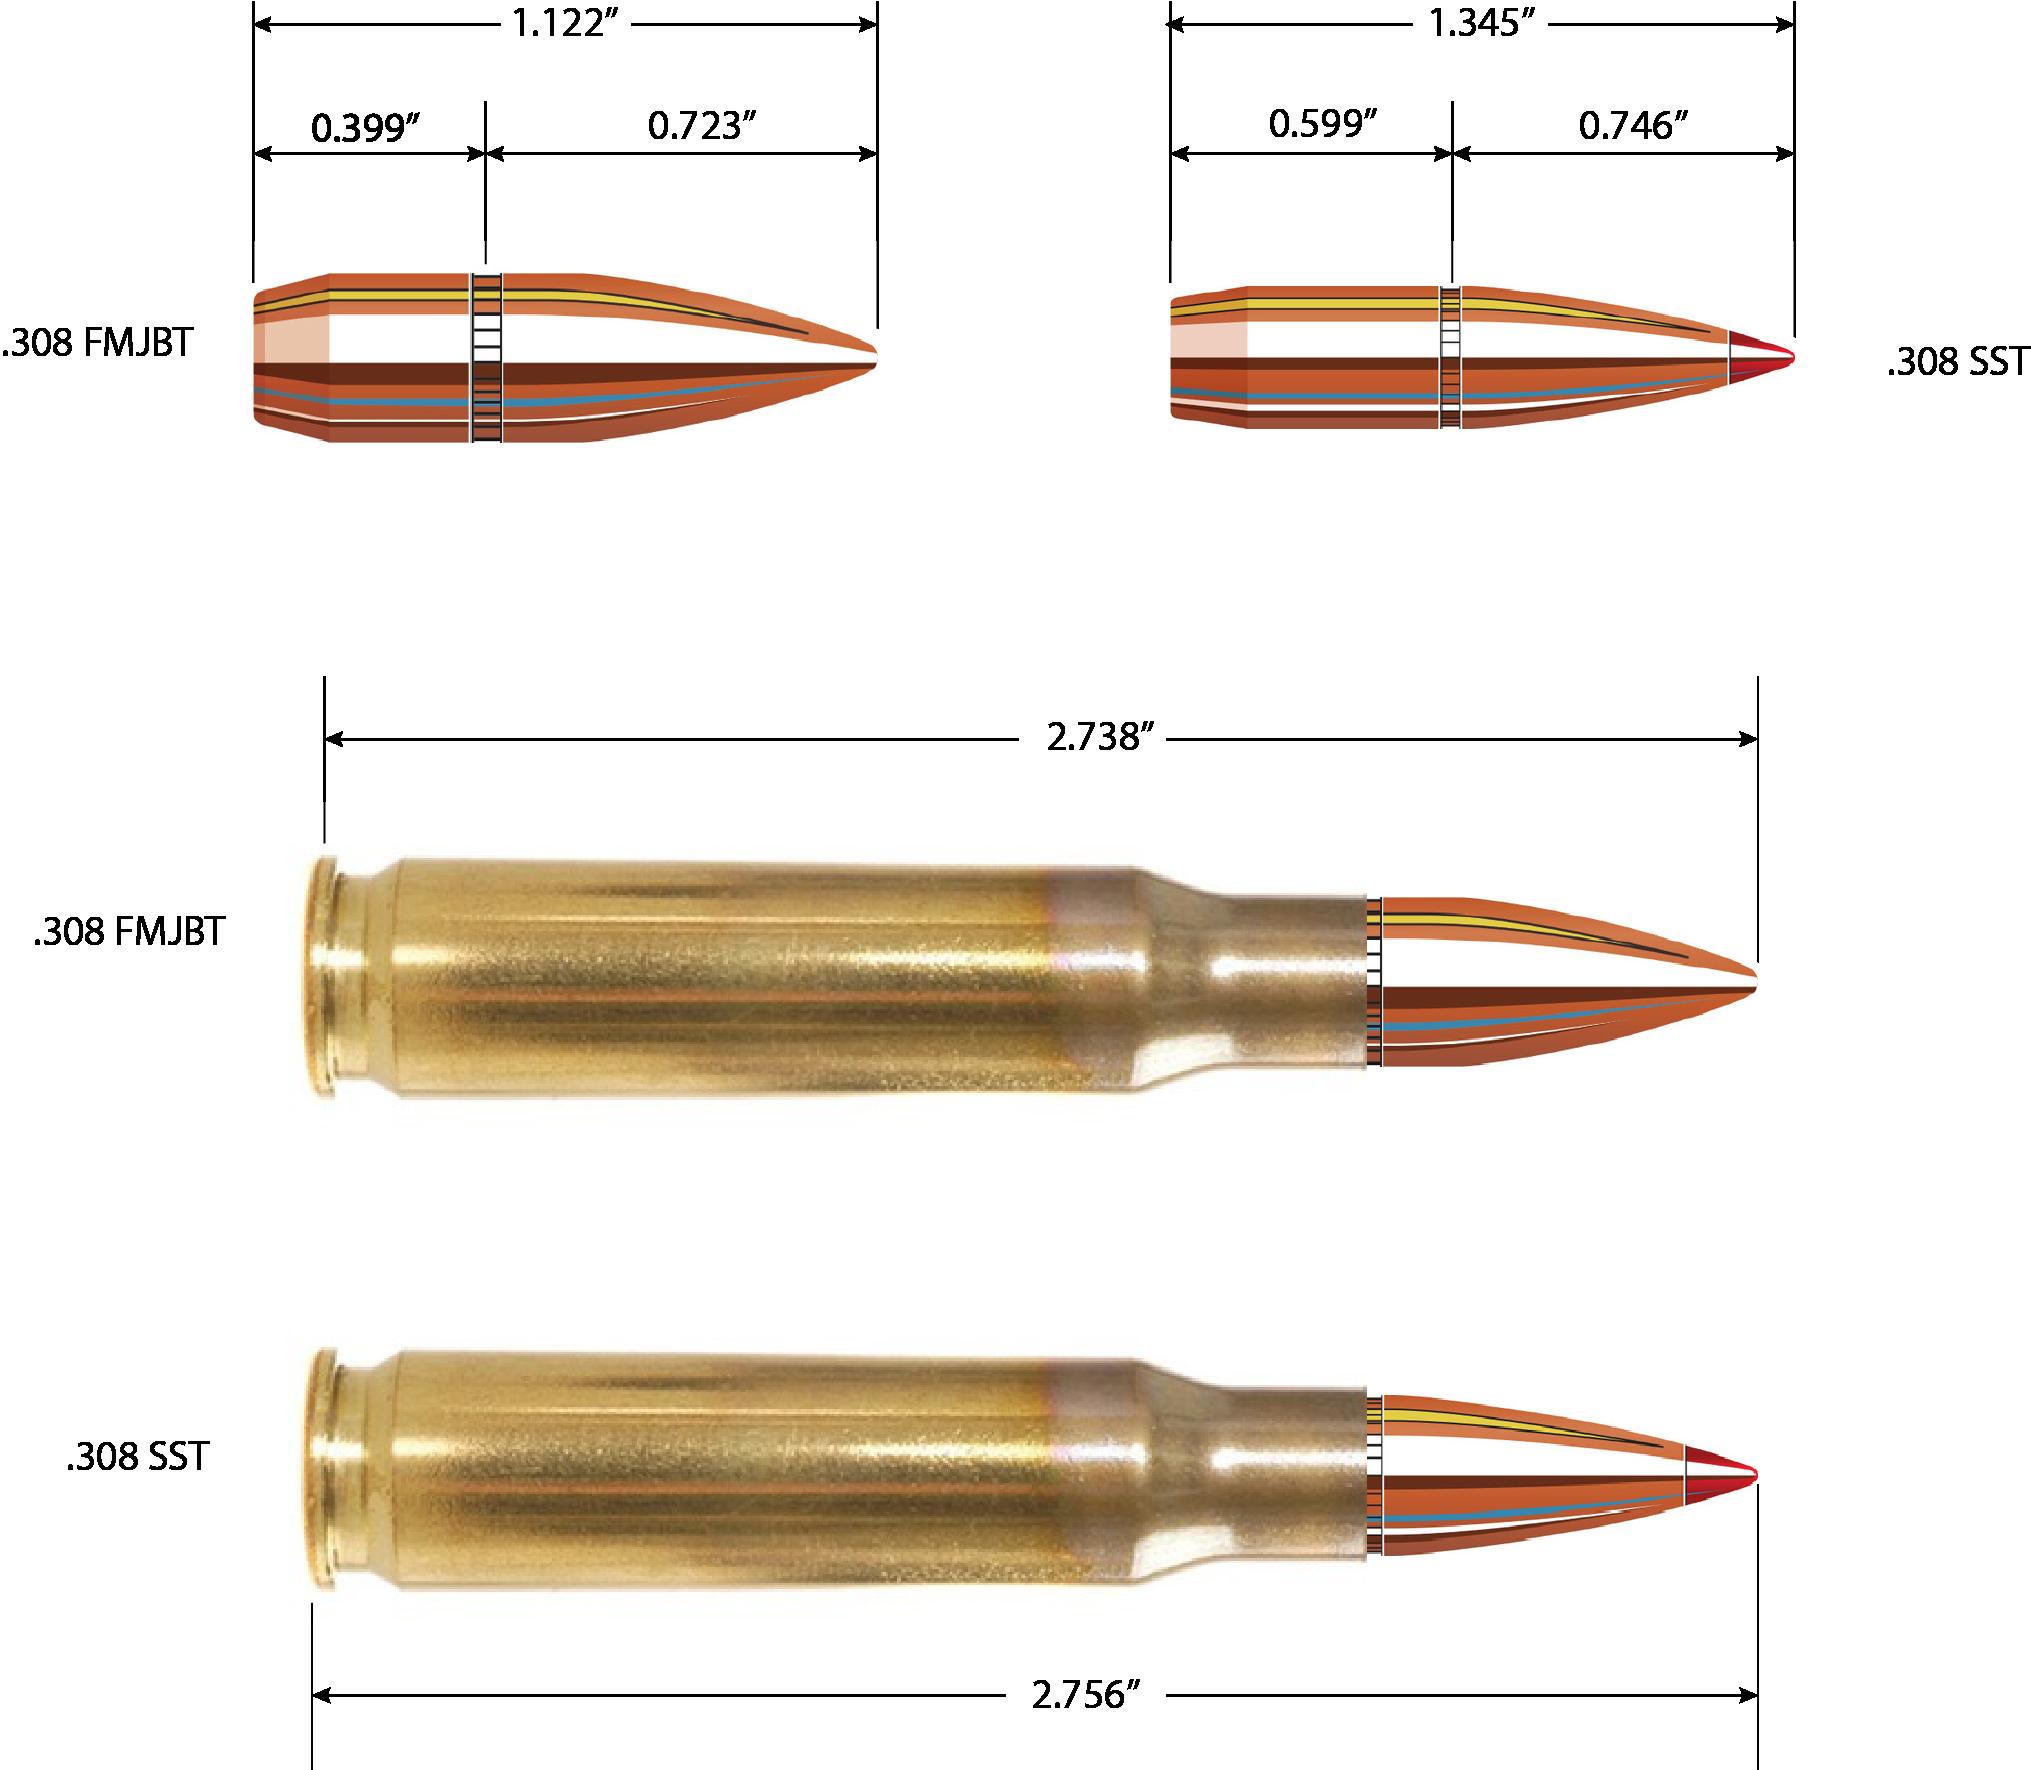 Hornady Sst 308 Ballistics